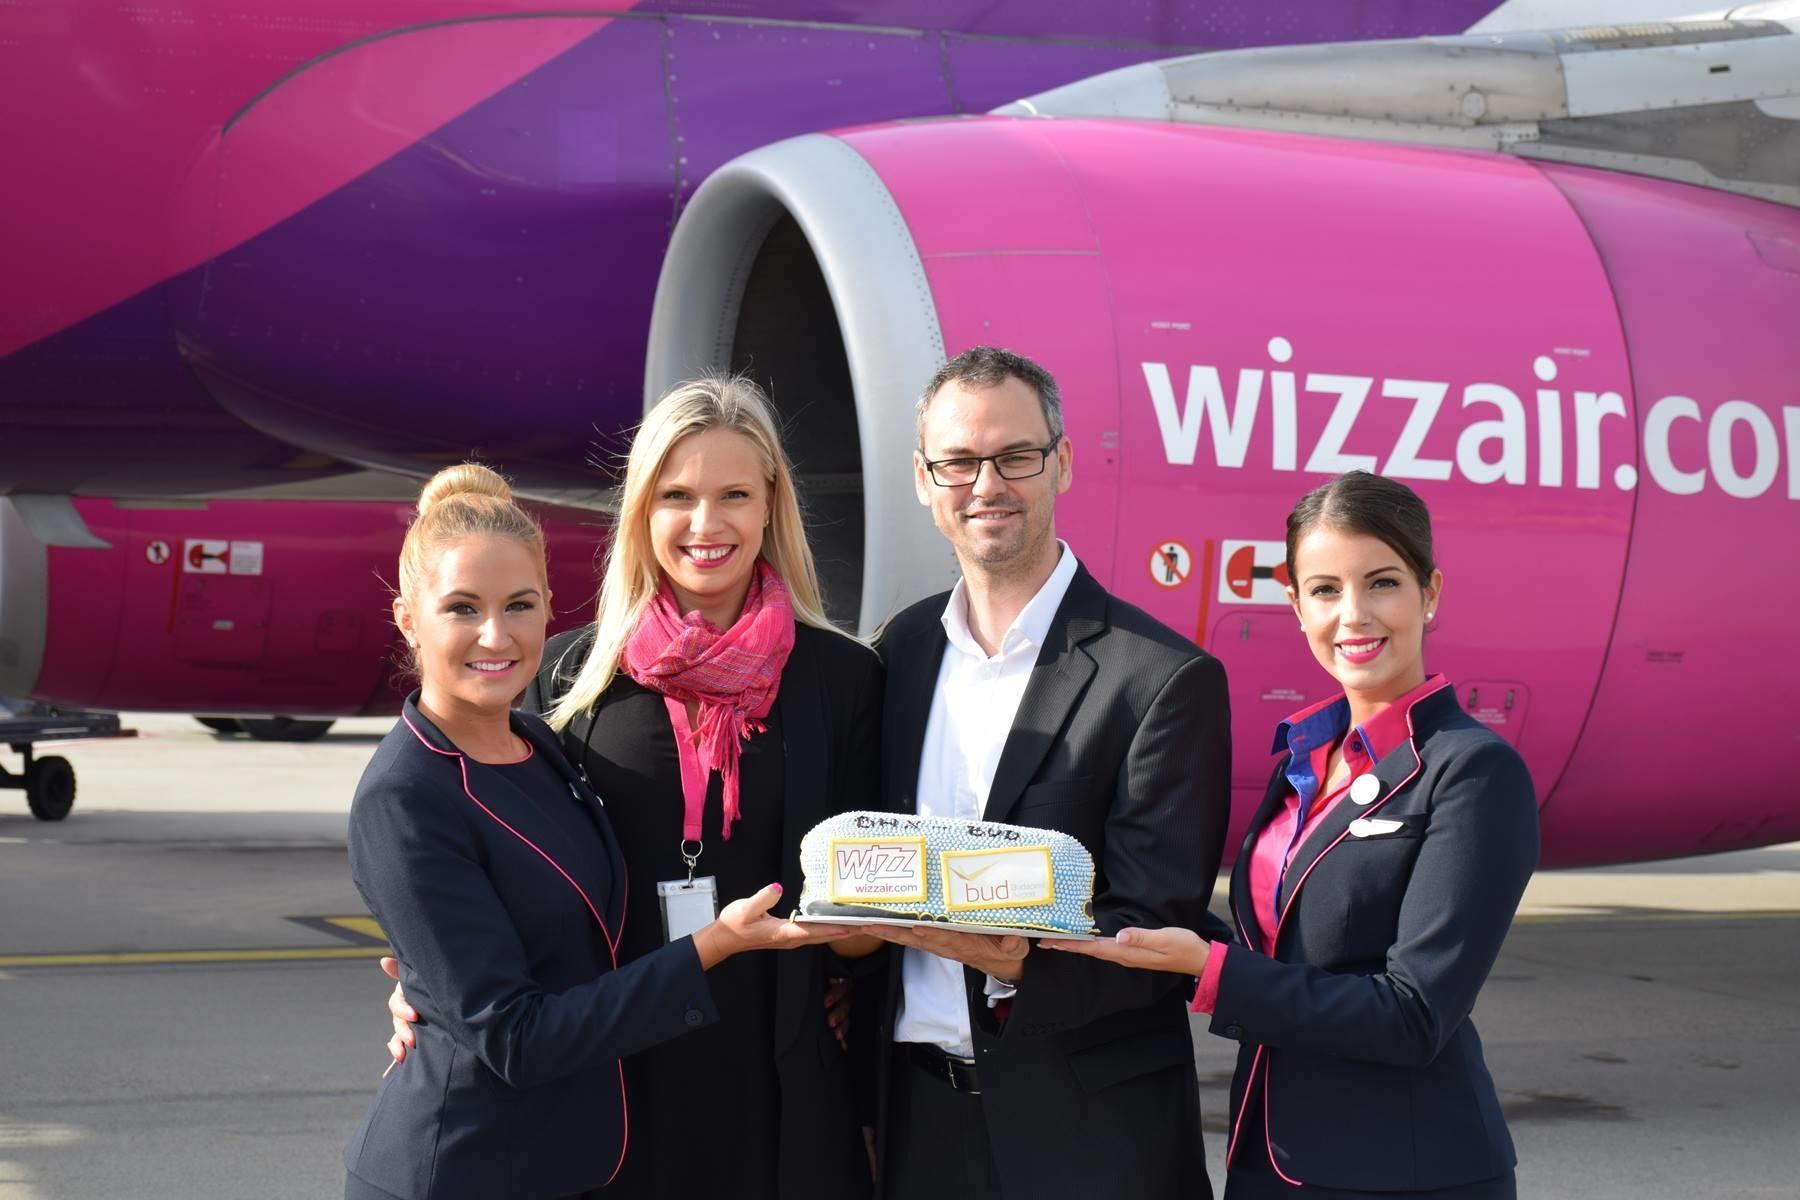 Bogáts Balázs, a Budapest Airport járatfejlesztési vezetője amint átadja a tortát a Wizz Air légiutas-kísérőinek, Tamara Mshvenieradze, a Wizz Air kommunikációs menedzserének jelenlétében. (Fotó: Budapest Airport) | © AIRportal.hu